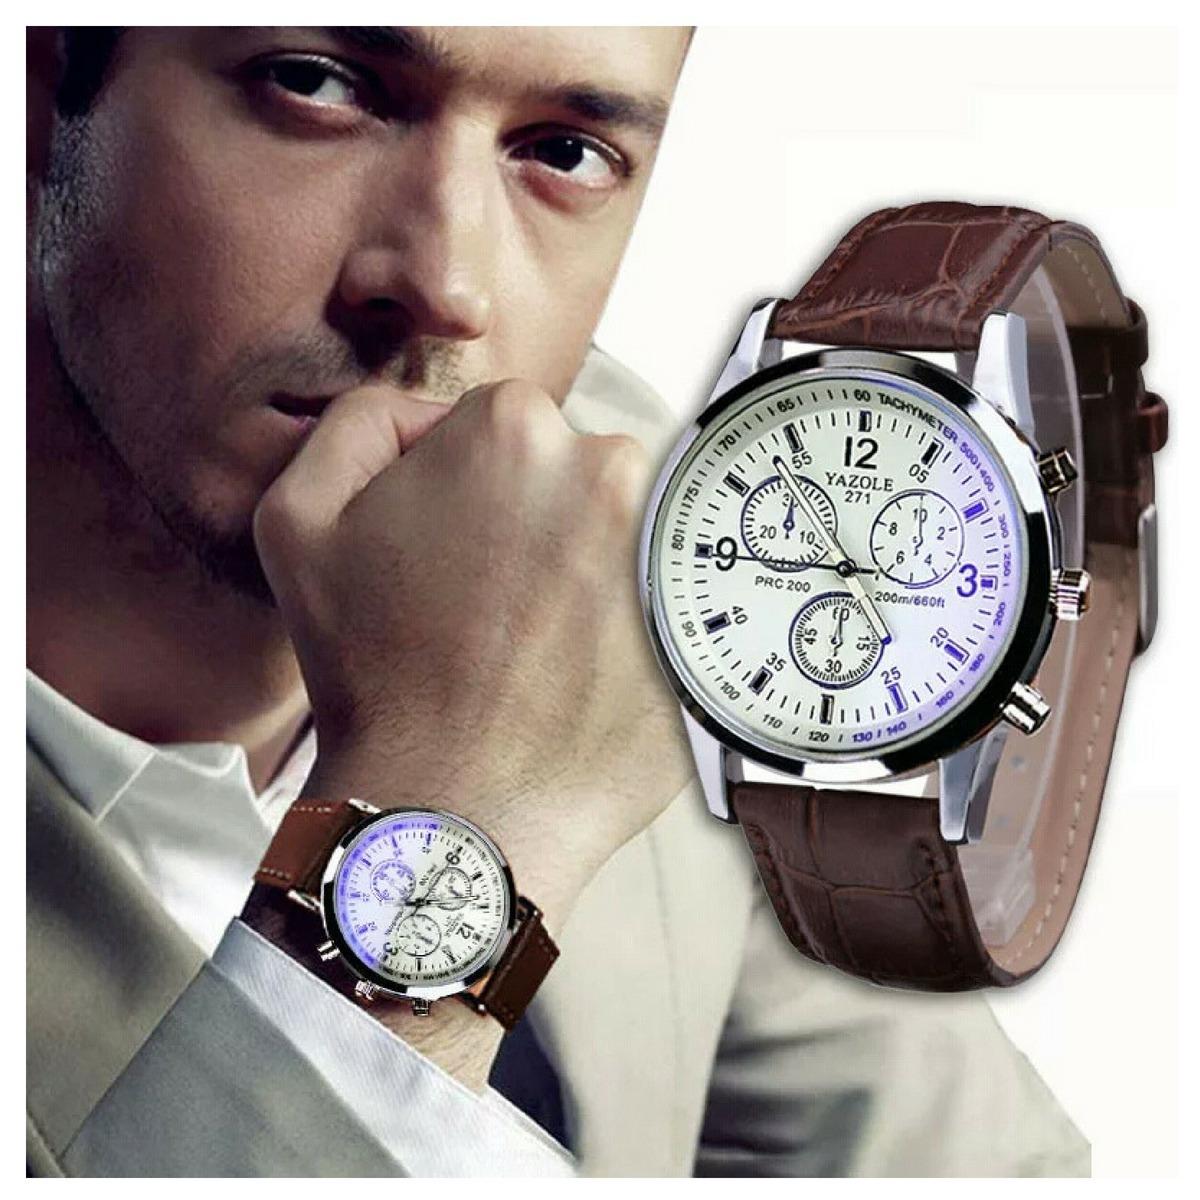 ae0d20b556a relógio masculino barato couro pulseira ! marca yazole -novo. Carregando  zoom.